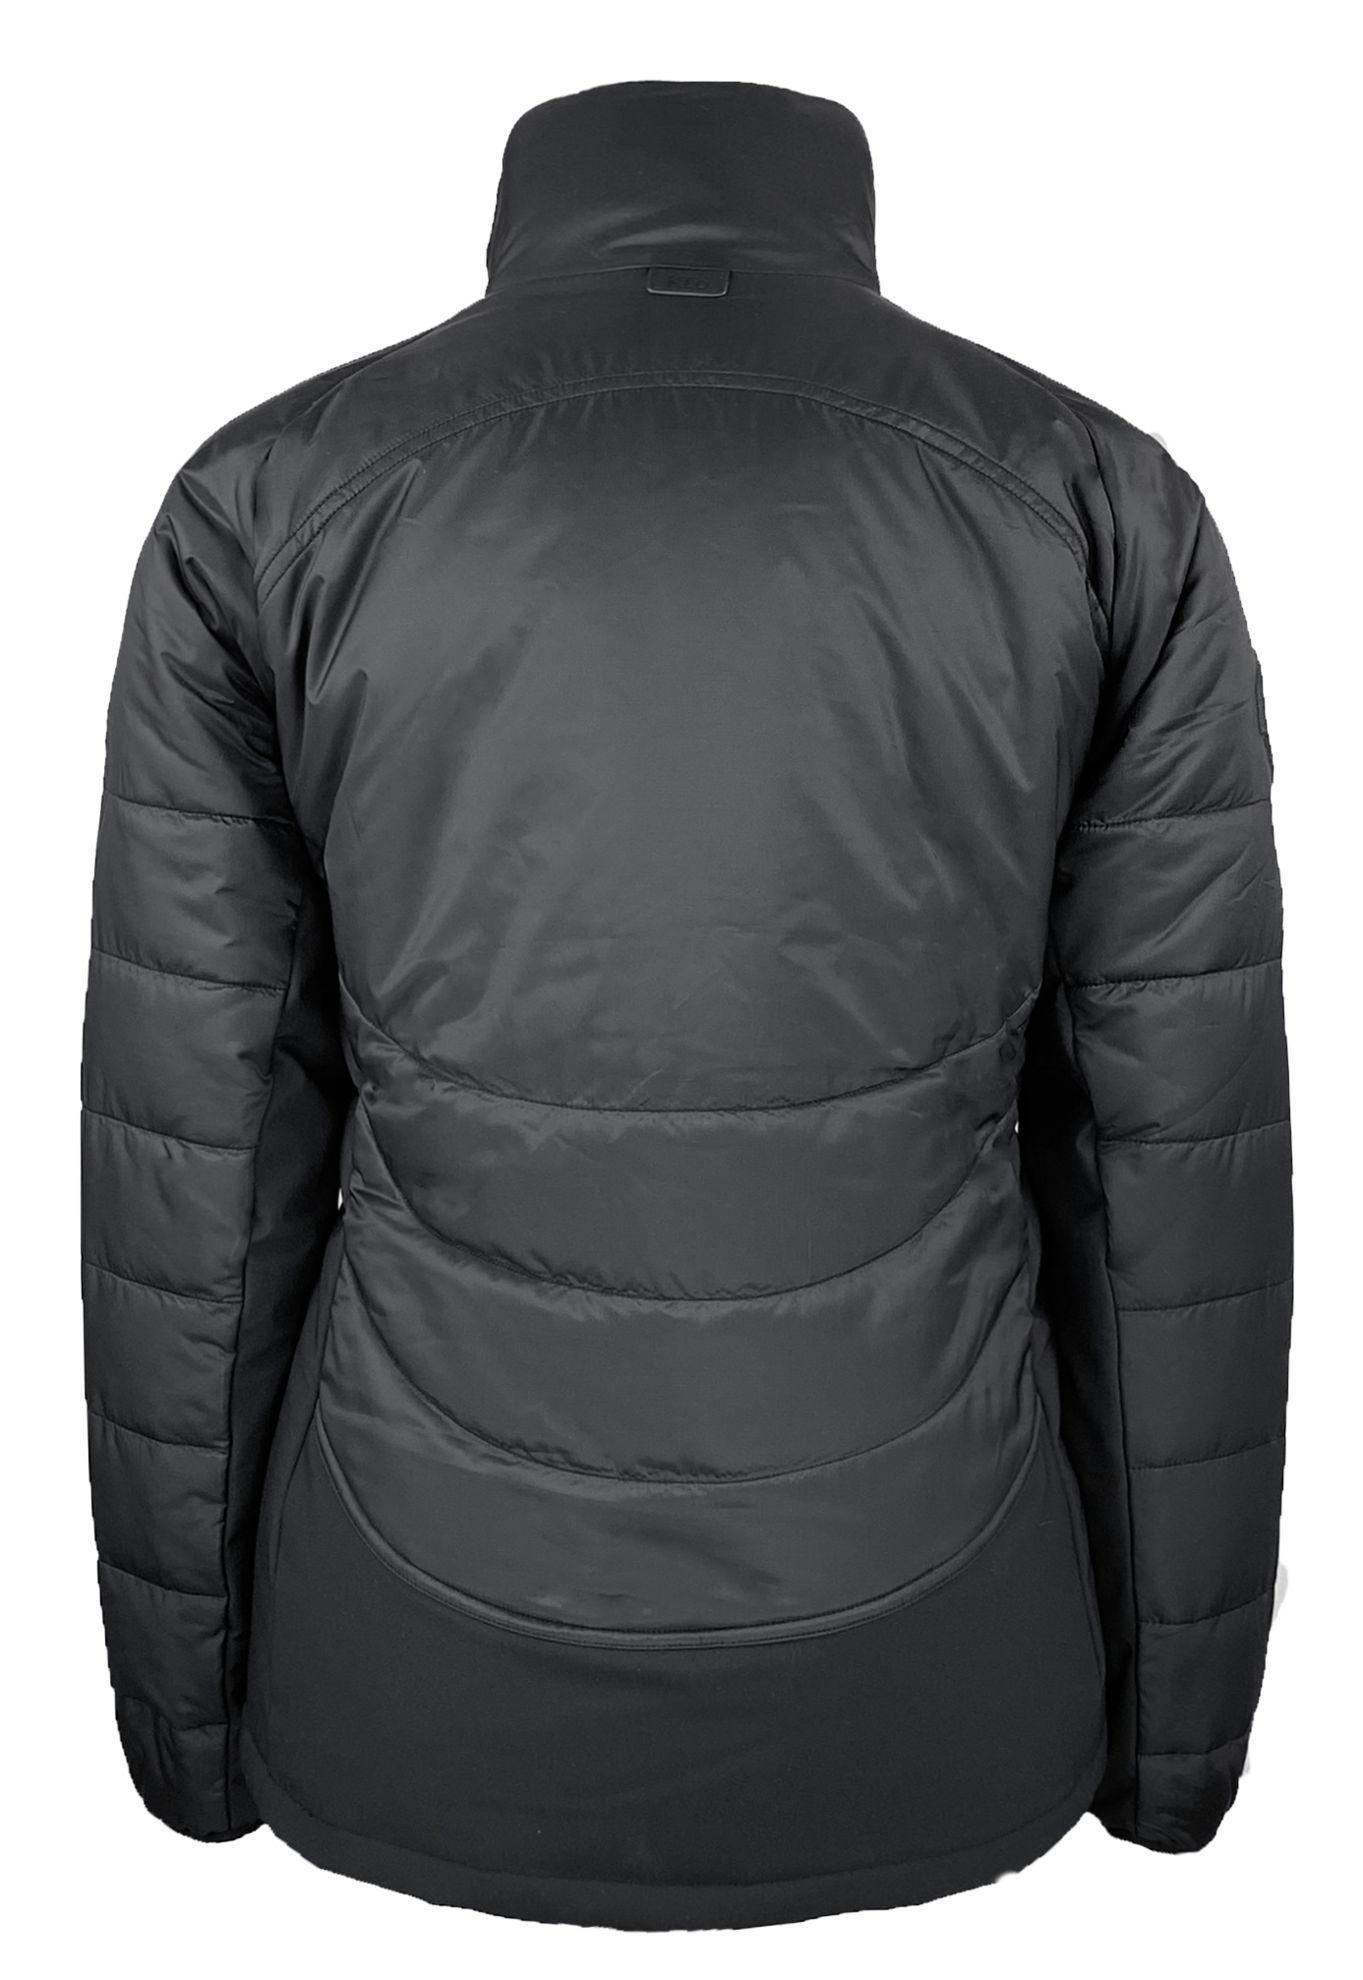 Image de Manteau urbain noir pour femmes